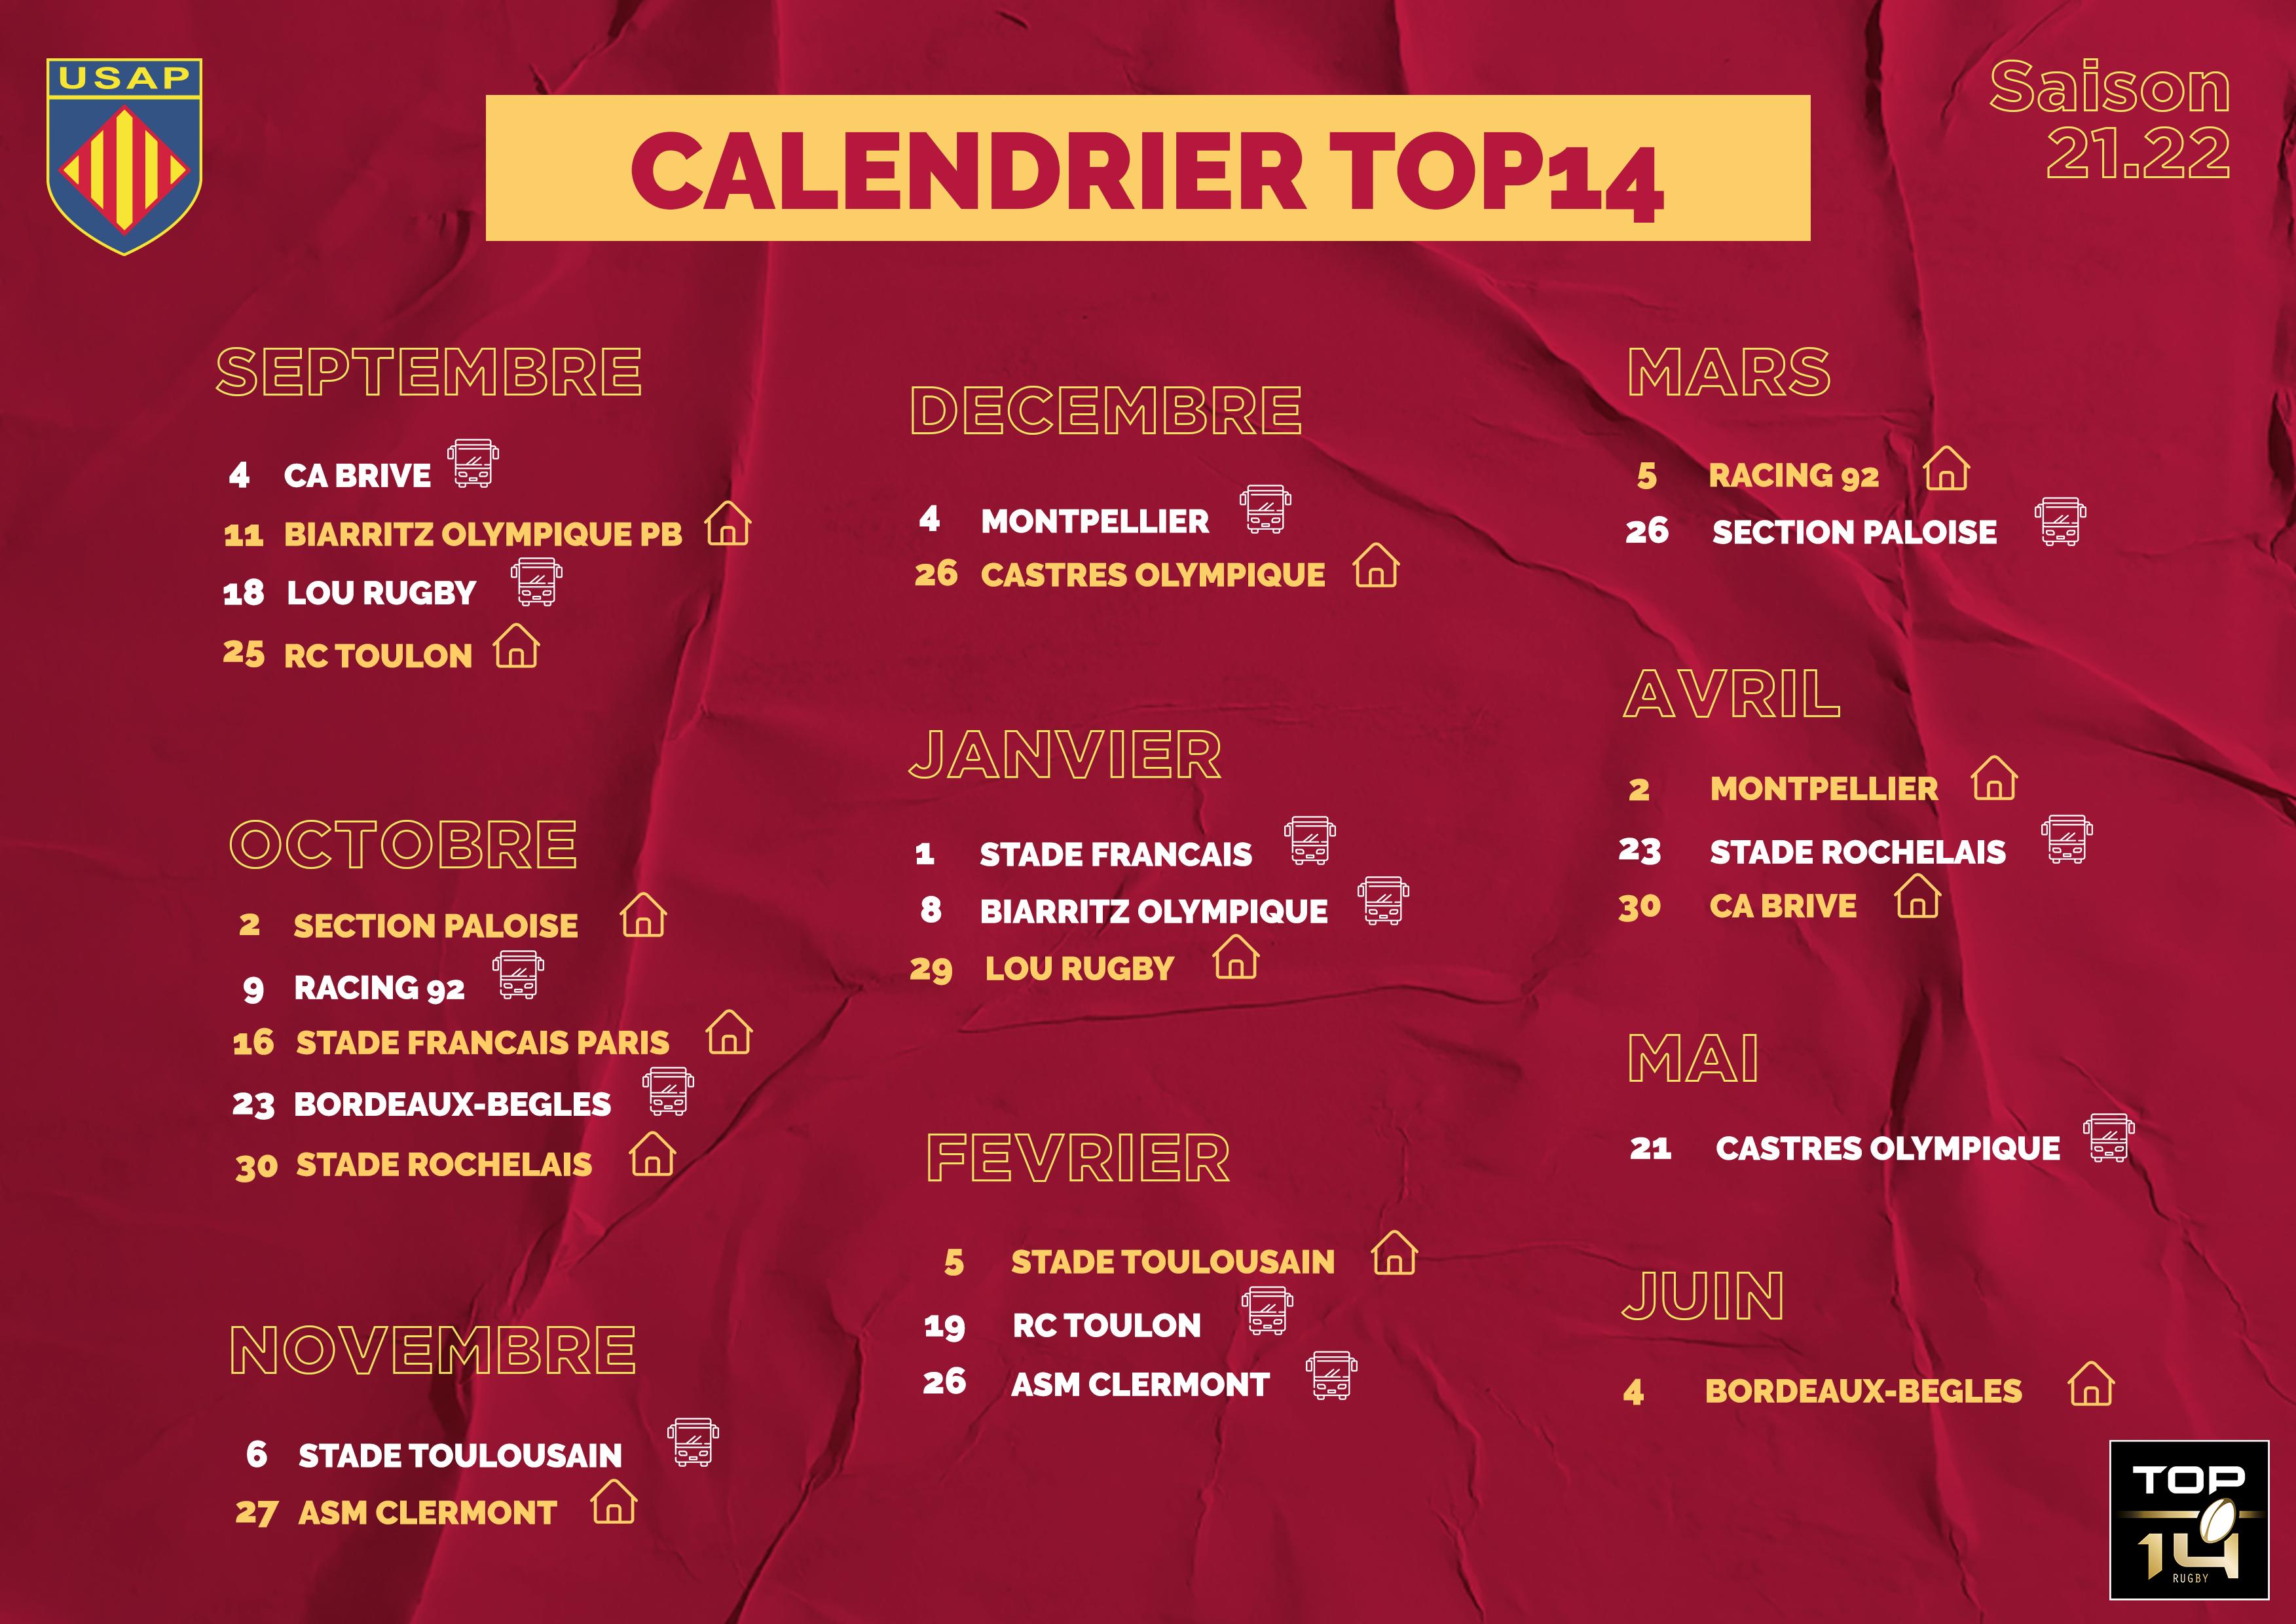 Calendrier Mcdo Avril 2022 USAP Boutique | CALENDRIER TOP14   2021/2022